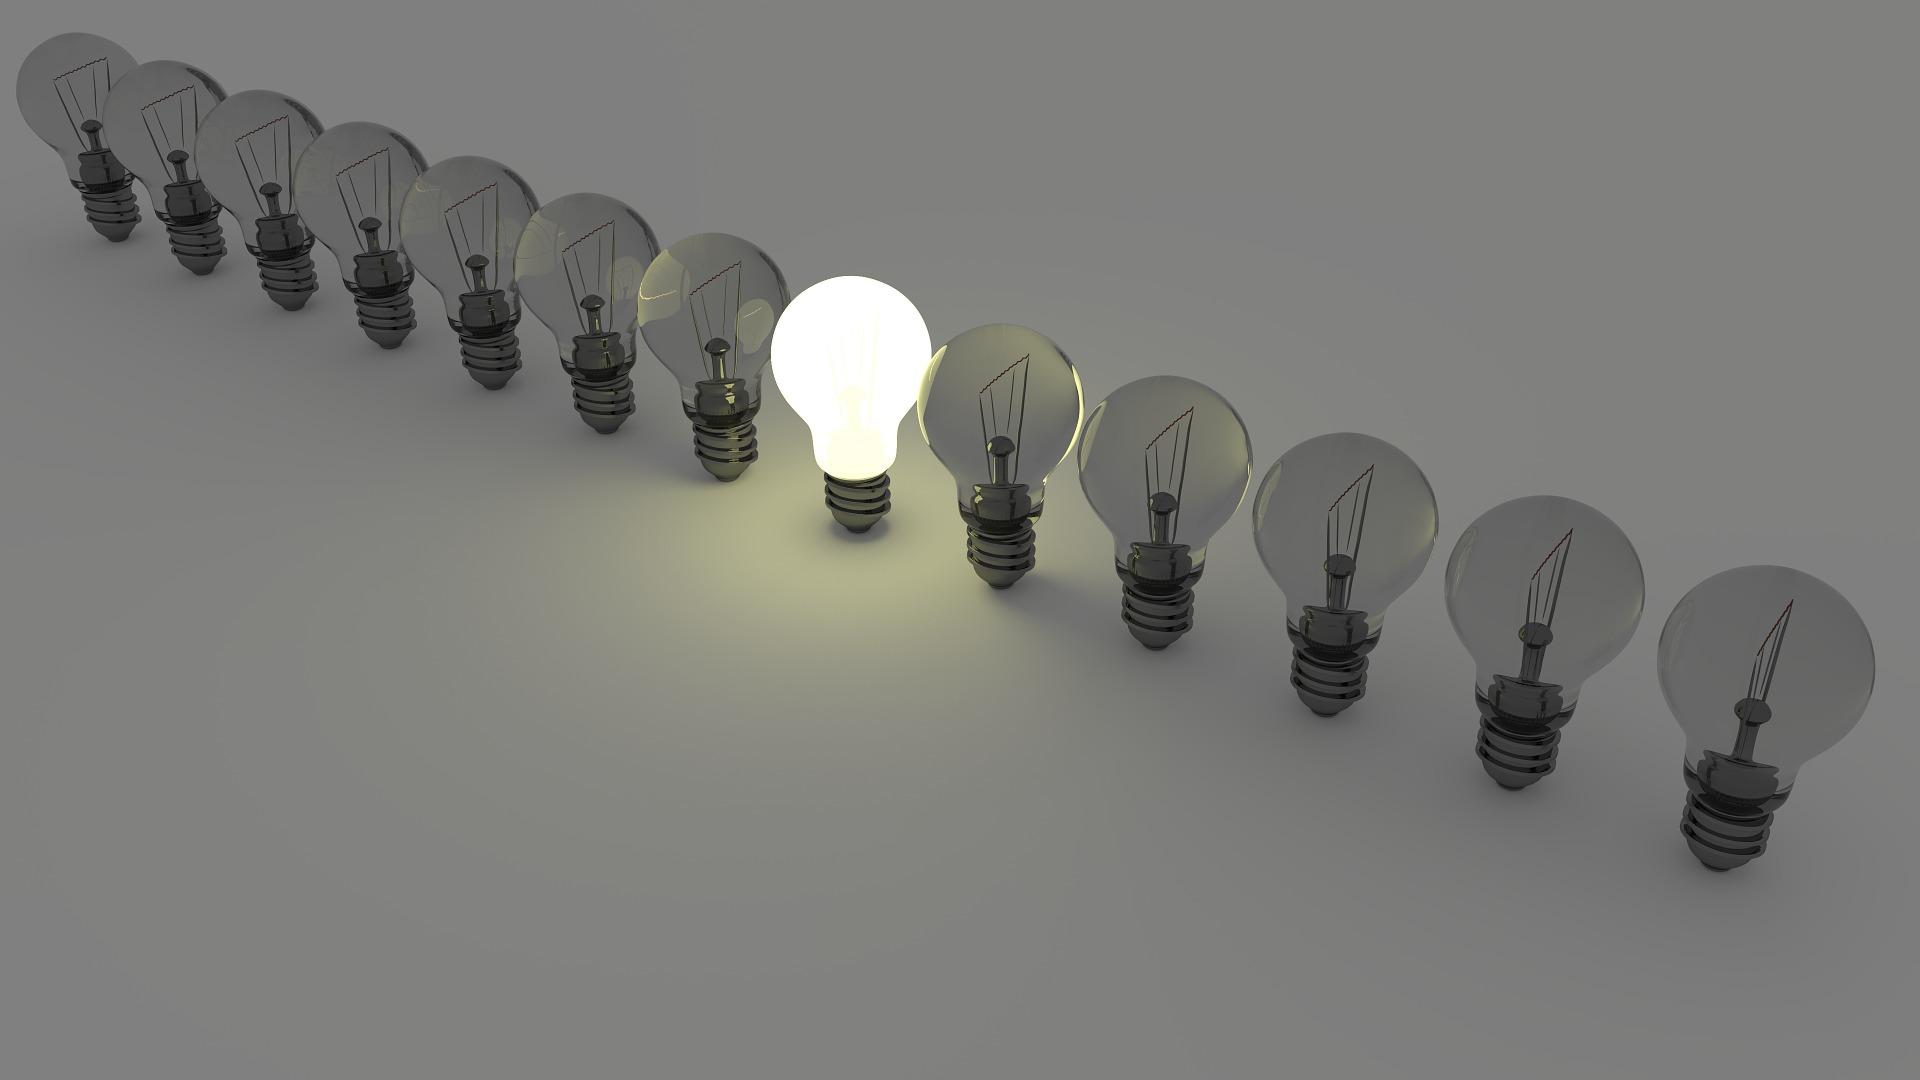 Conheça a tarifa branca de energia que promete diminuir conta de luz em 2019